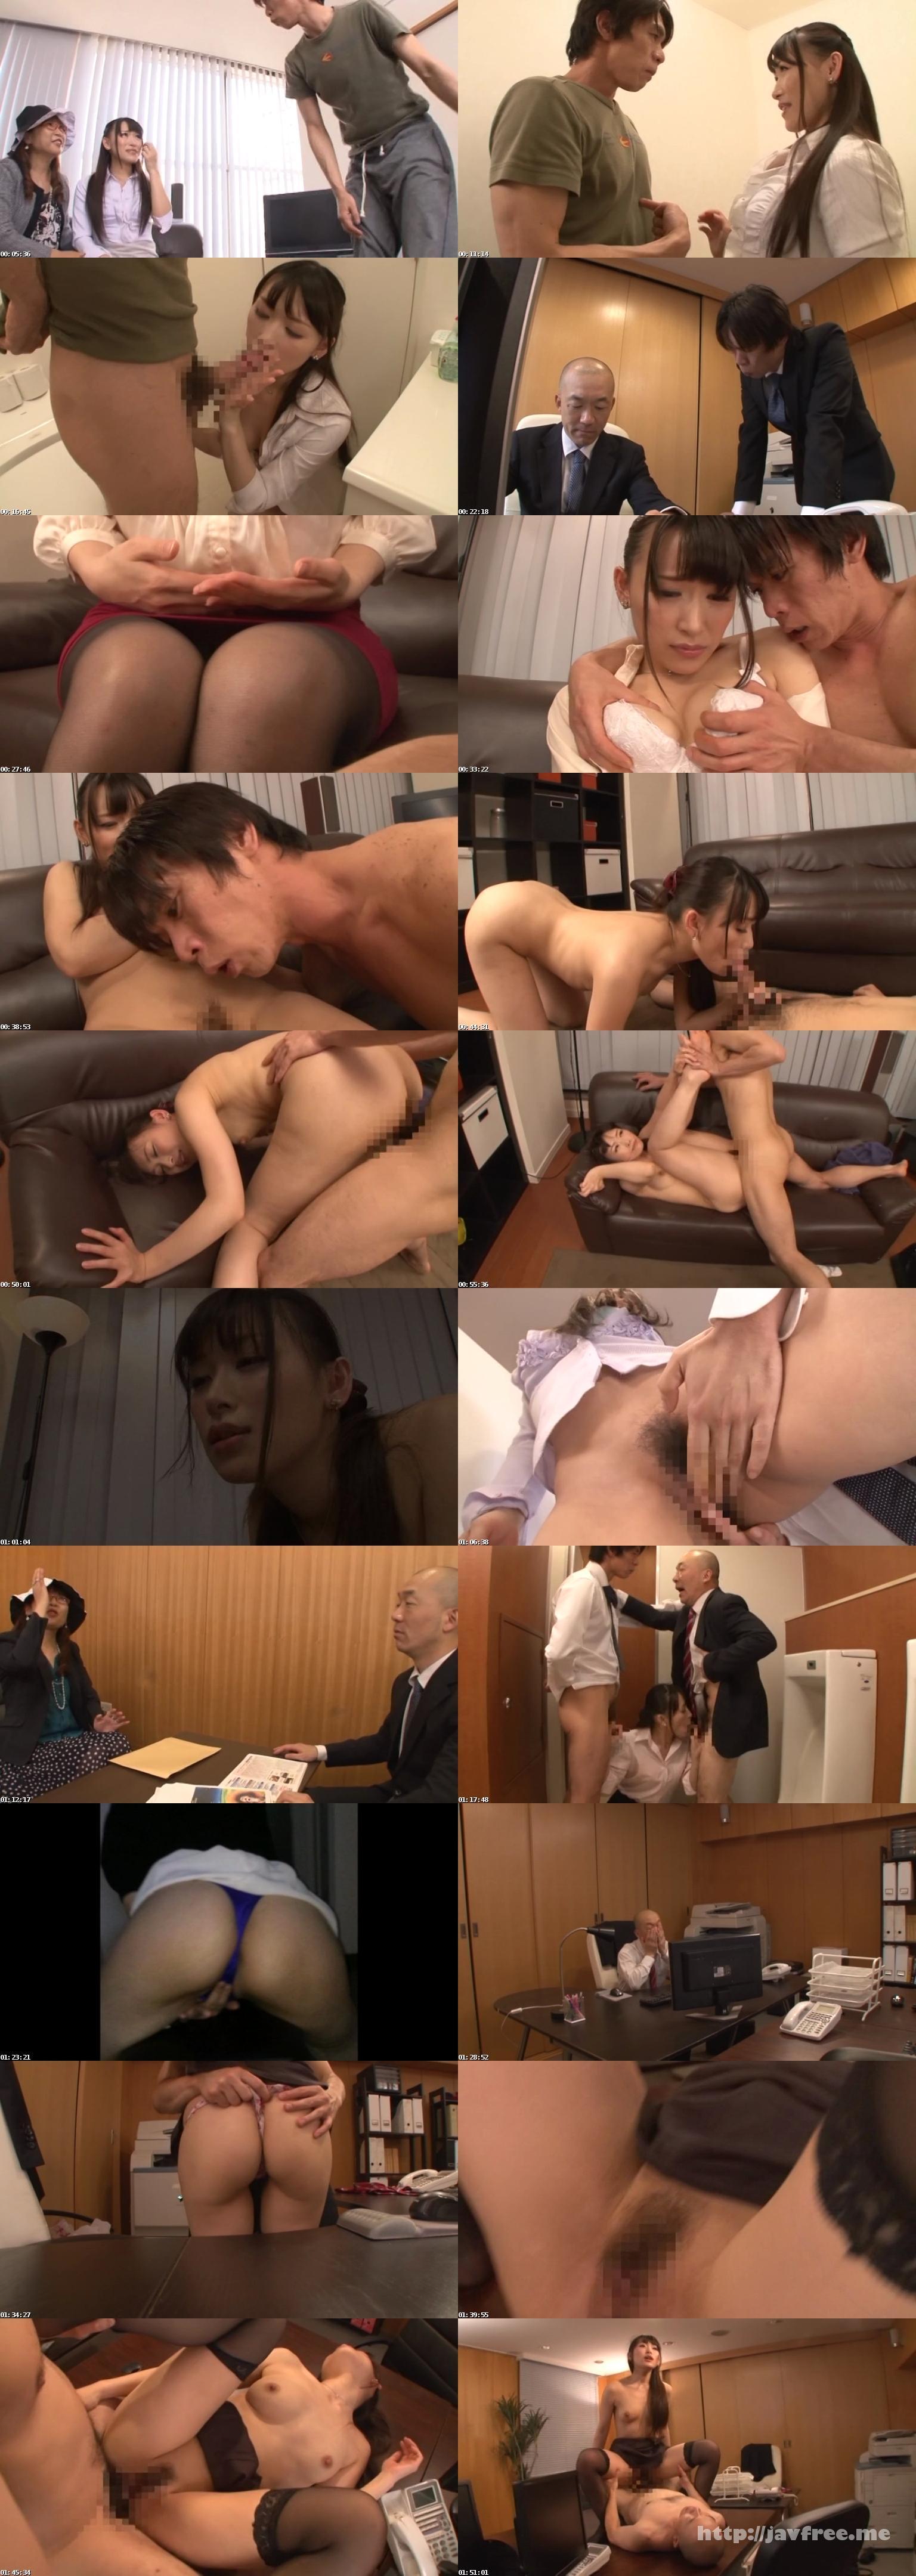 [MOND 005] 宗教勧誘の女 長瀬涼子 長瀬涼子 MOND